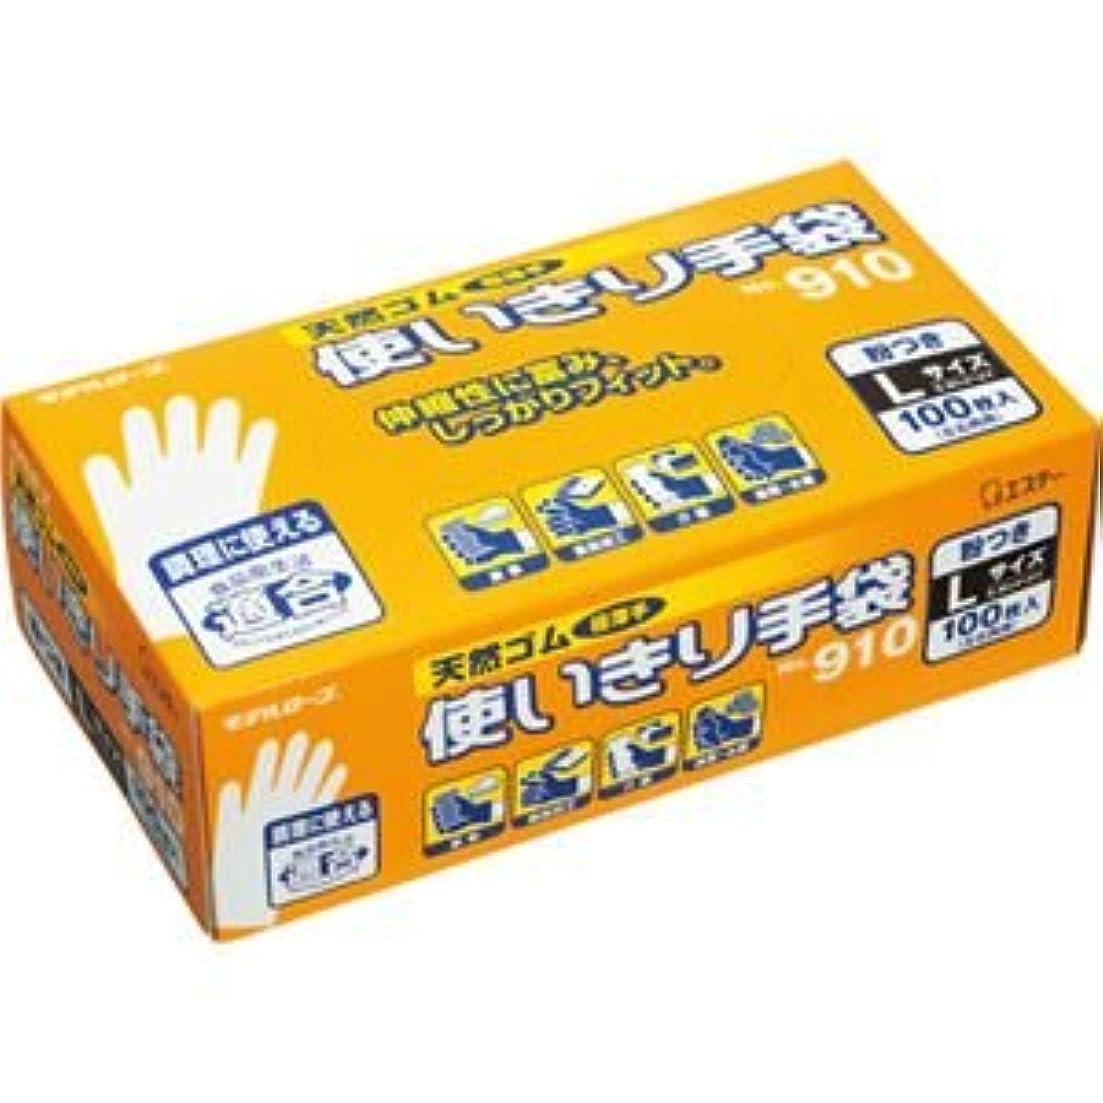 (まとめ) エステー No.910 天然ゴム使いきり手袋(粉付) L 1箱(100枚) 【×5セット】 〈簡易梱包